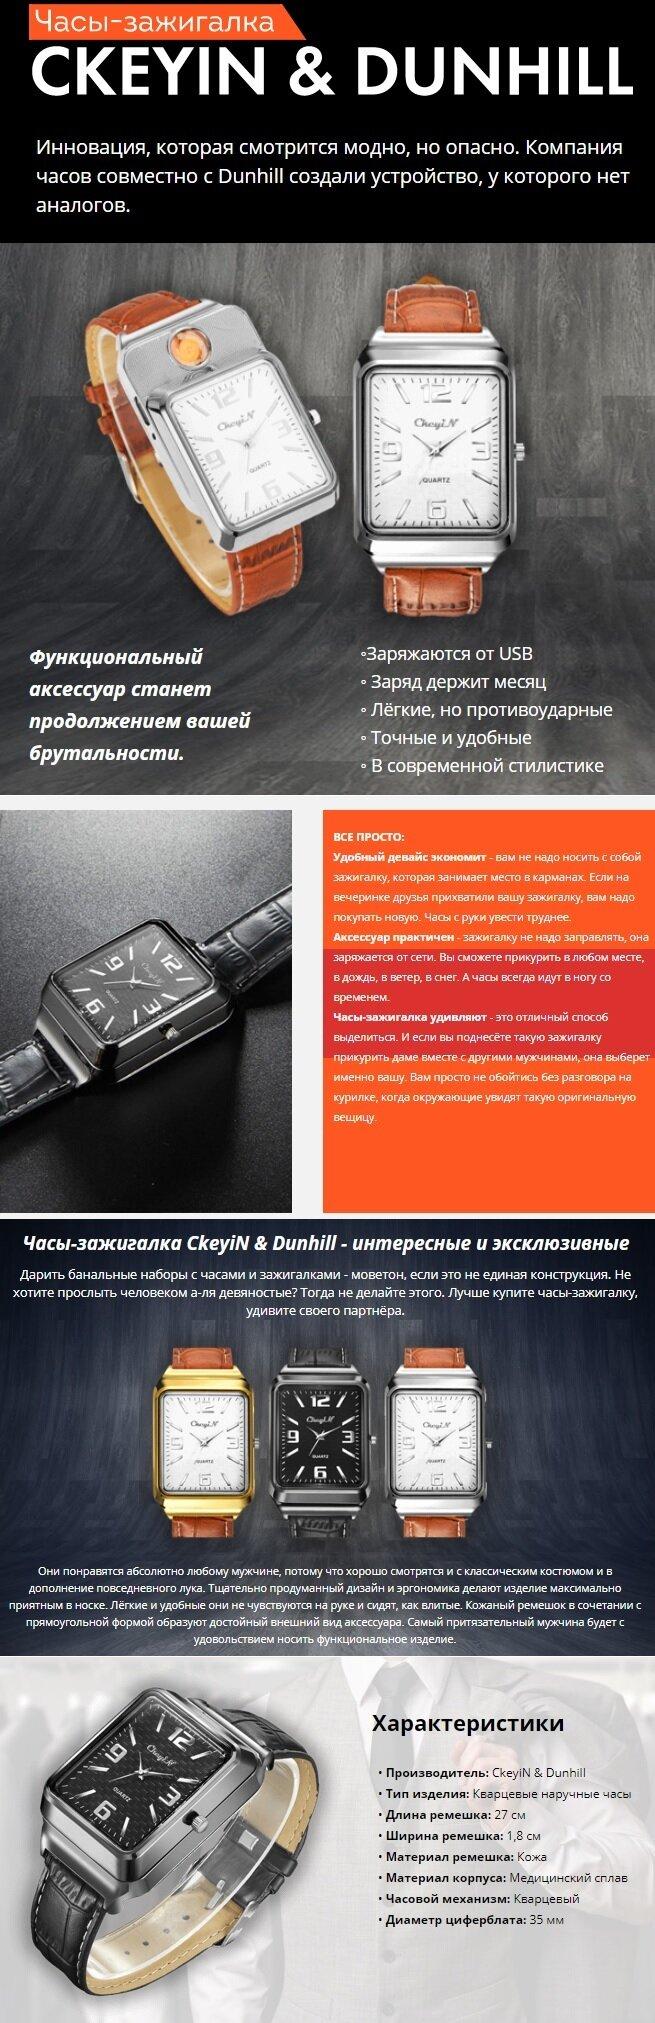 Часы-зажигалка CkeyiN & Dunhill